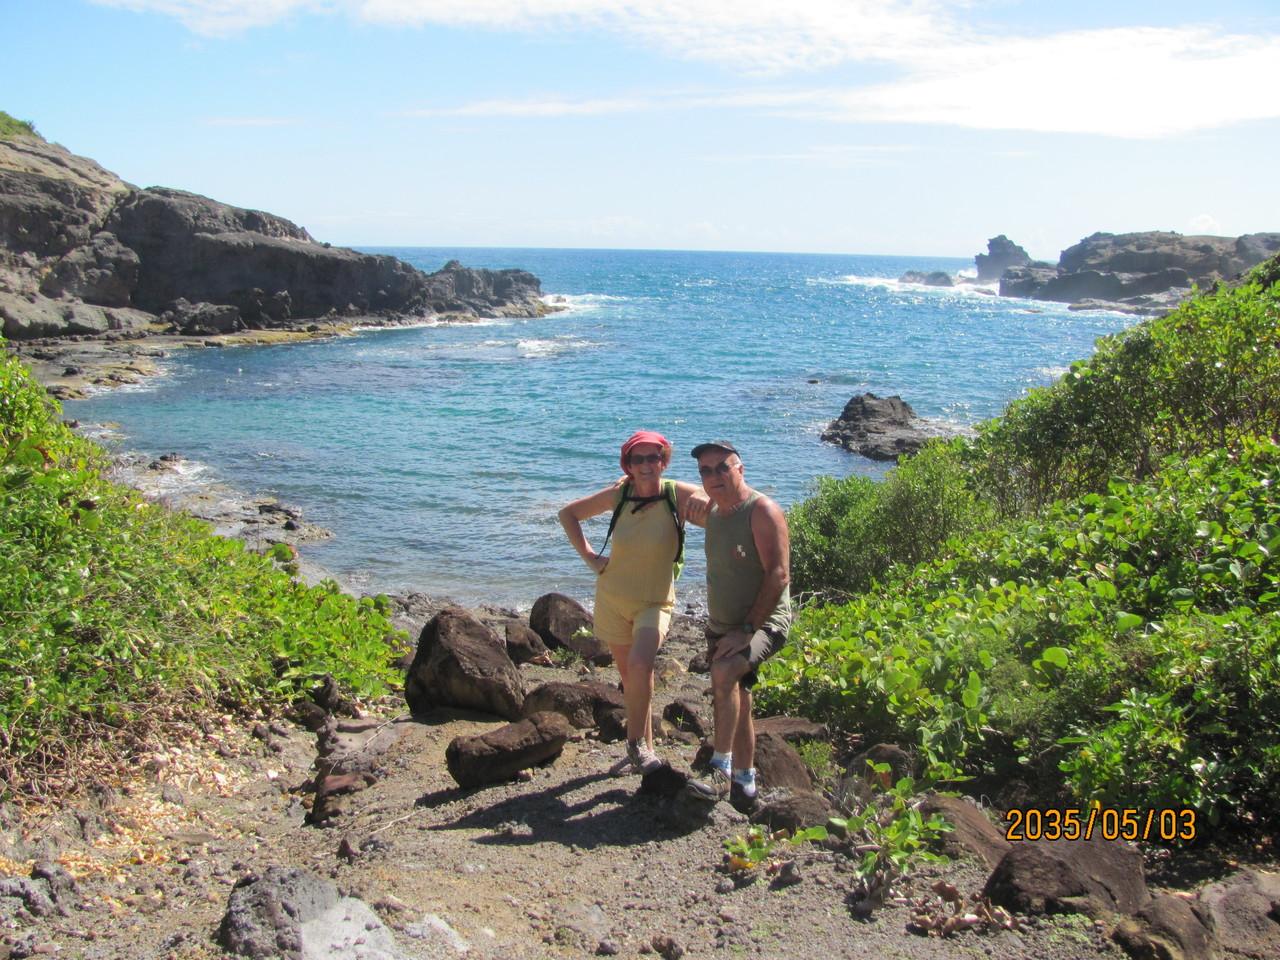 Tété et Gainche sous le soleil de la Martinique